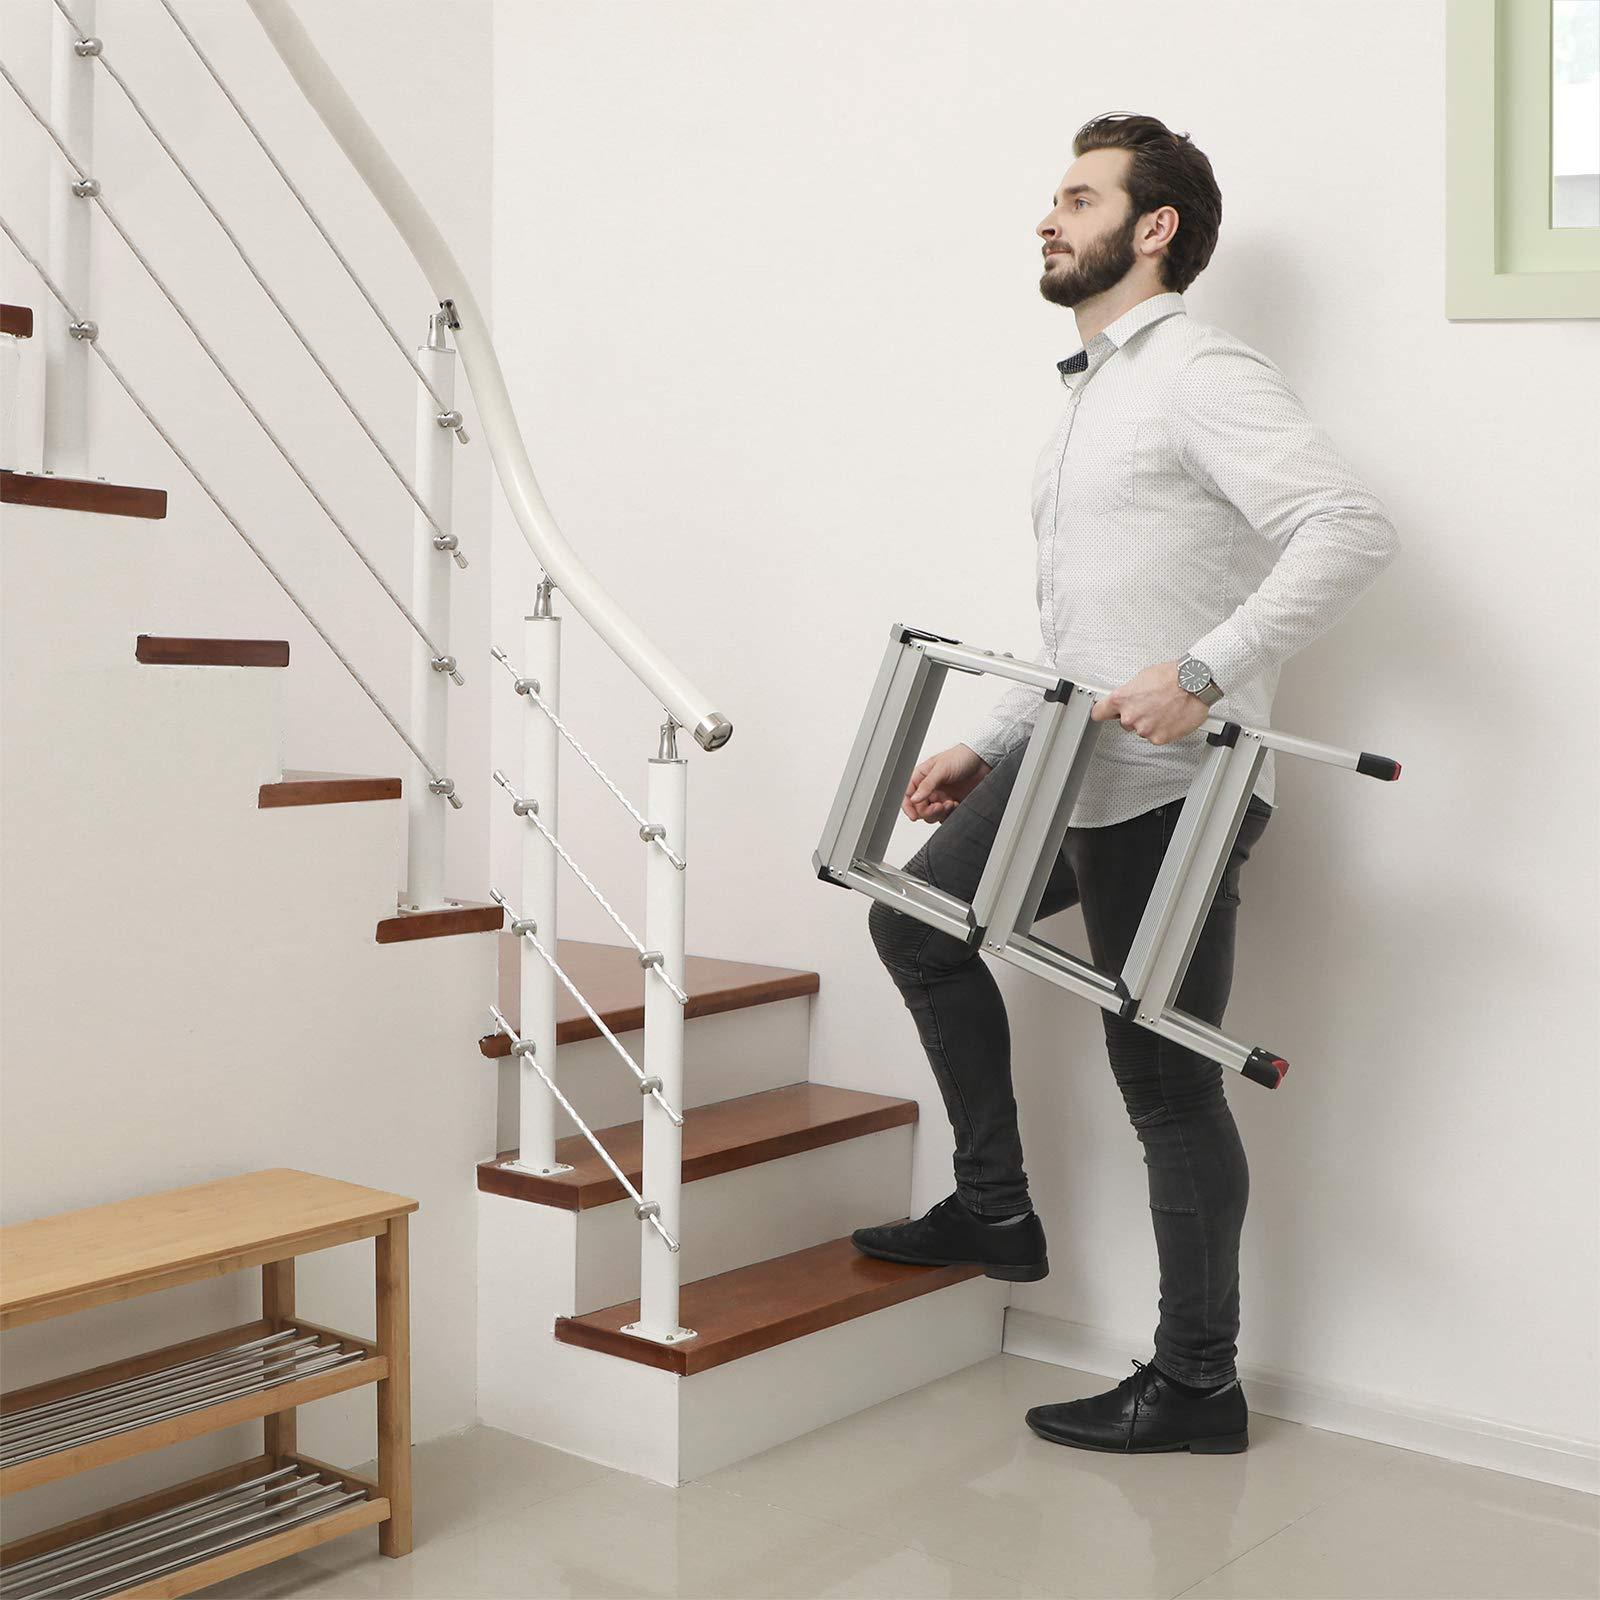 SONGMICS Escalera de Tijera, Escalera Plegable del Hogar, Escalera de Mano, 3 Niveles en Ambos Lados, Capacidad 150 Kg, Aluminio GLT23K: Amazon.es: Bricolaje y herramientas